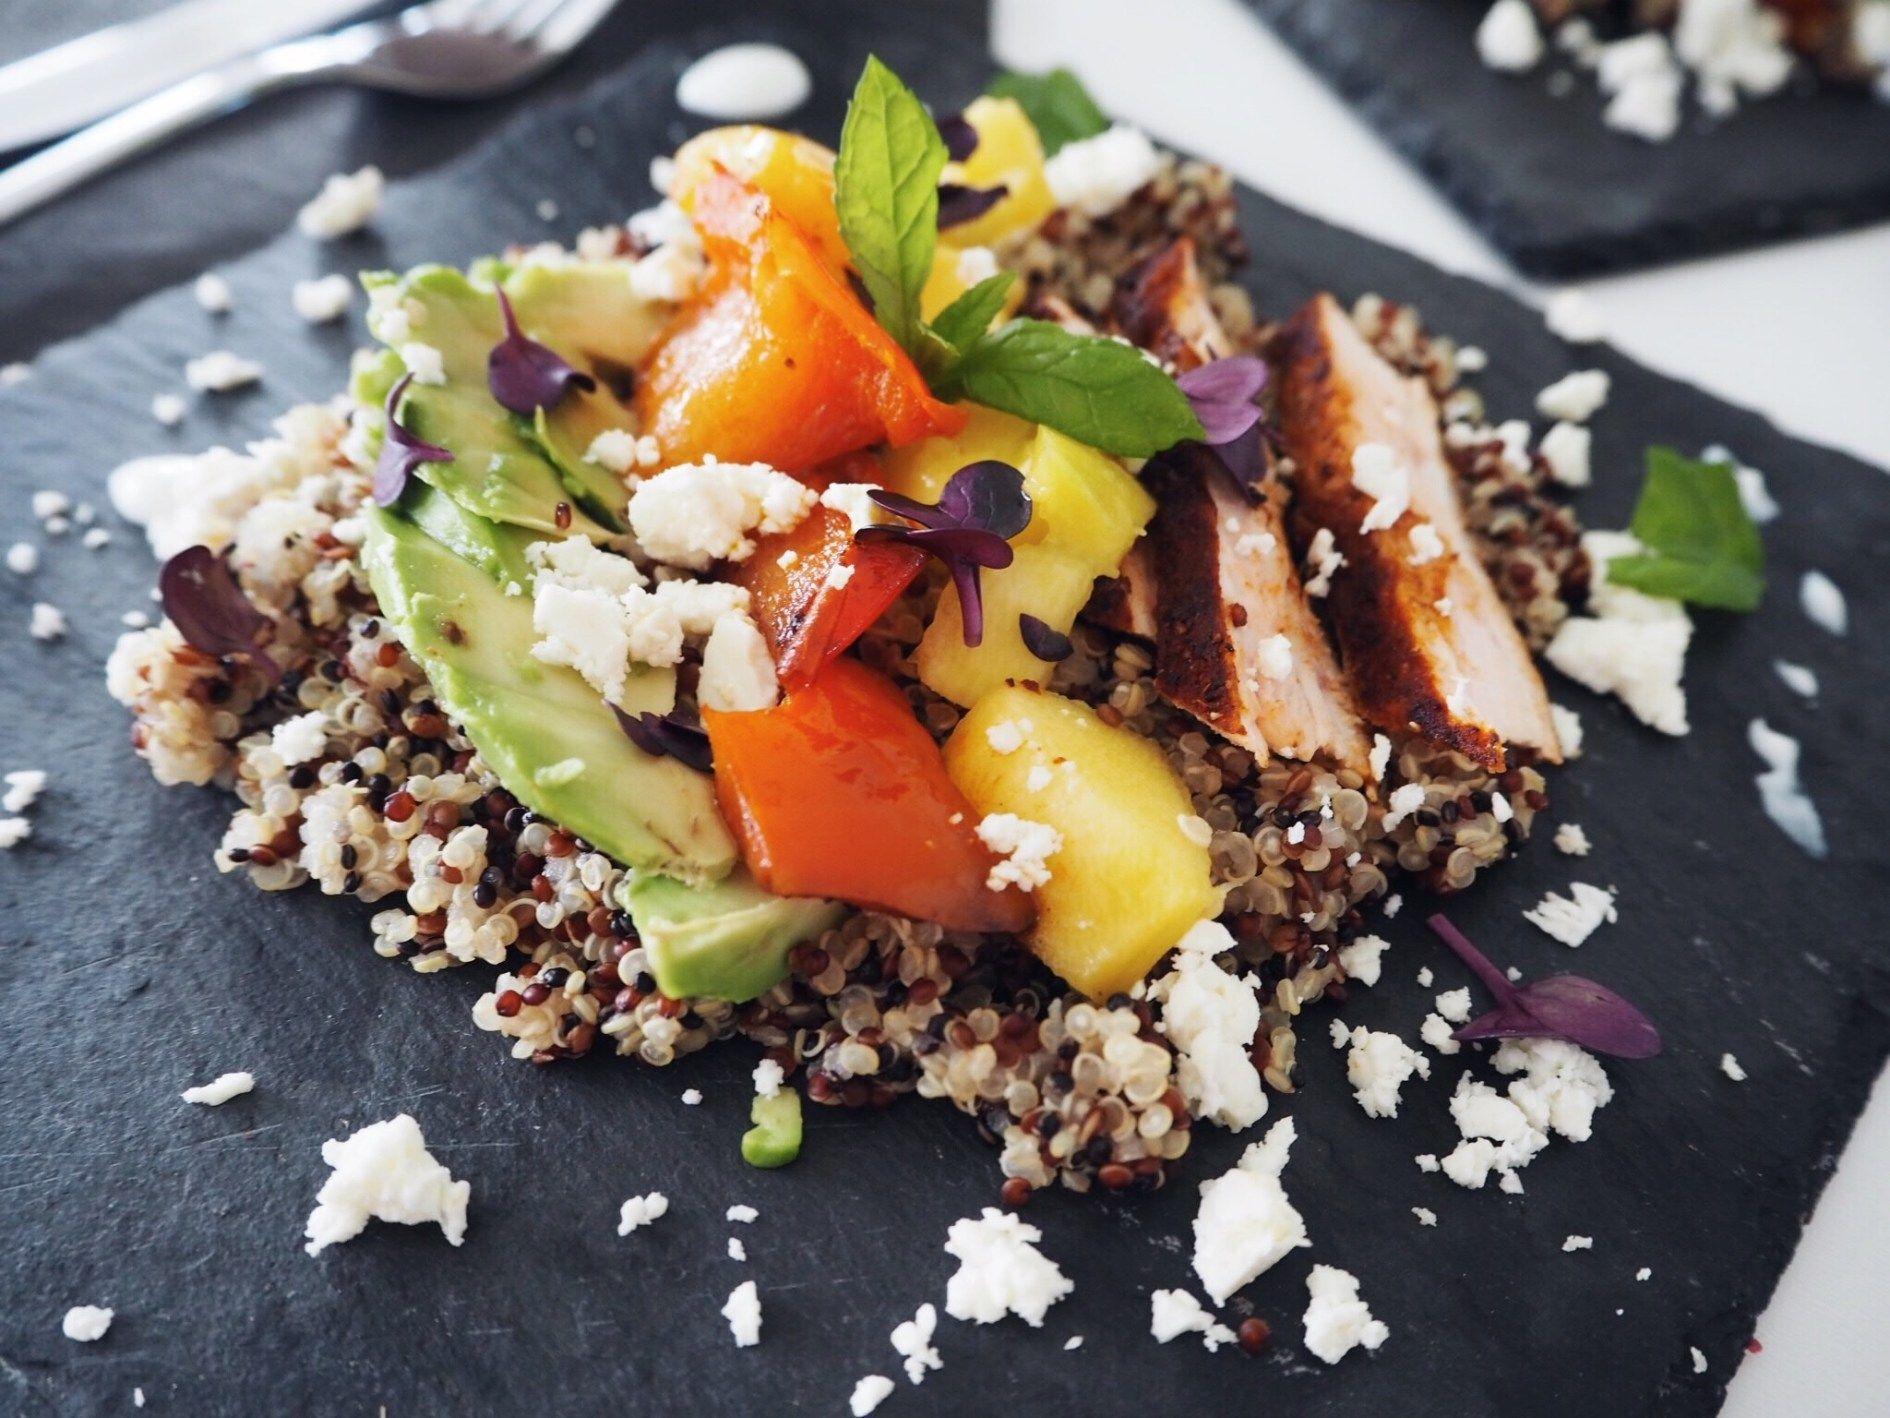 Jamie 15 Minuten Gerichte | Jamie Oliver 5 Zutaten Küche ...